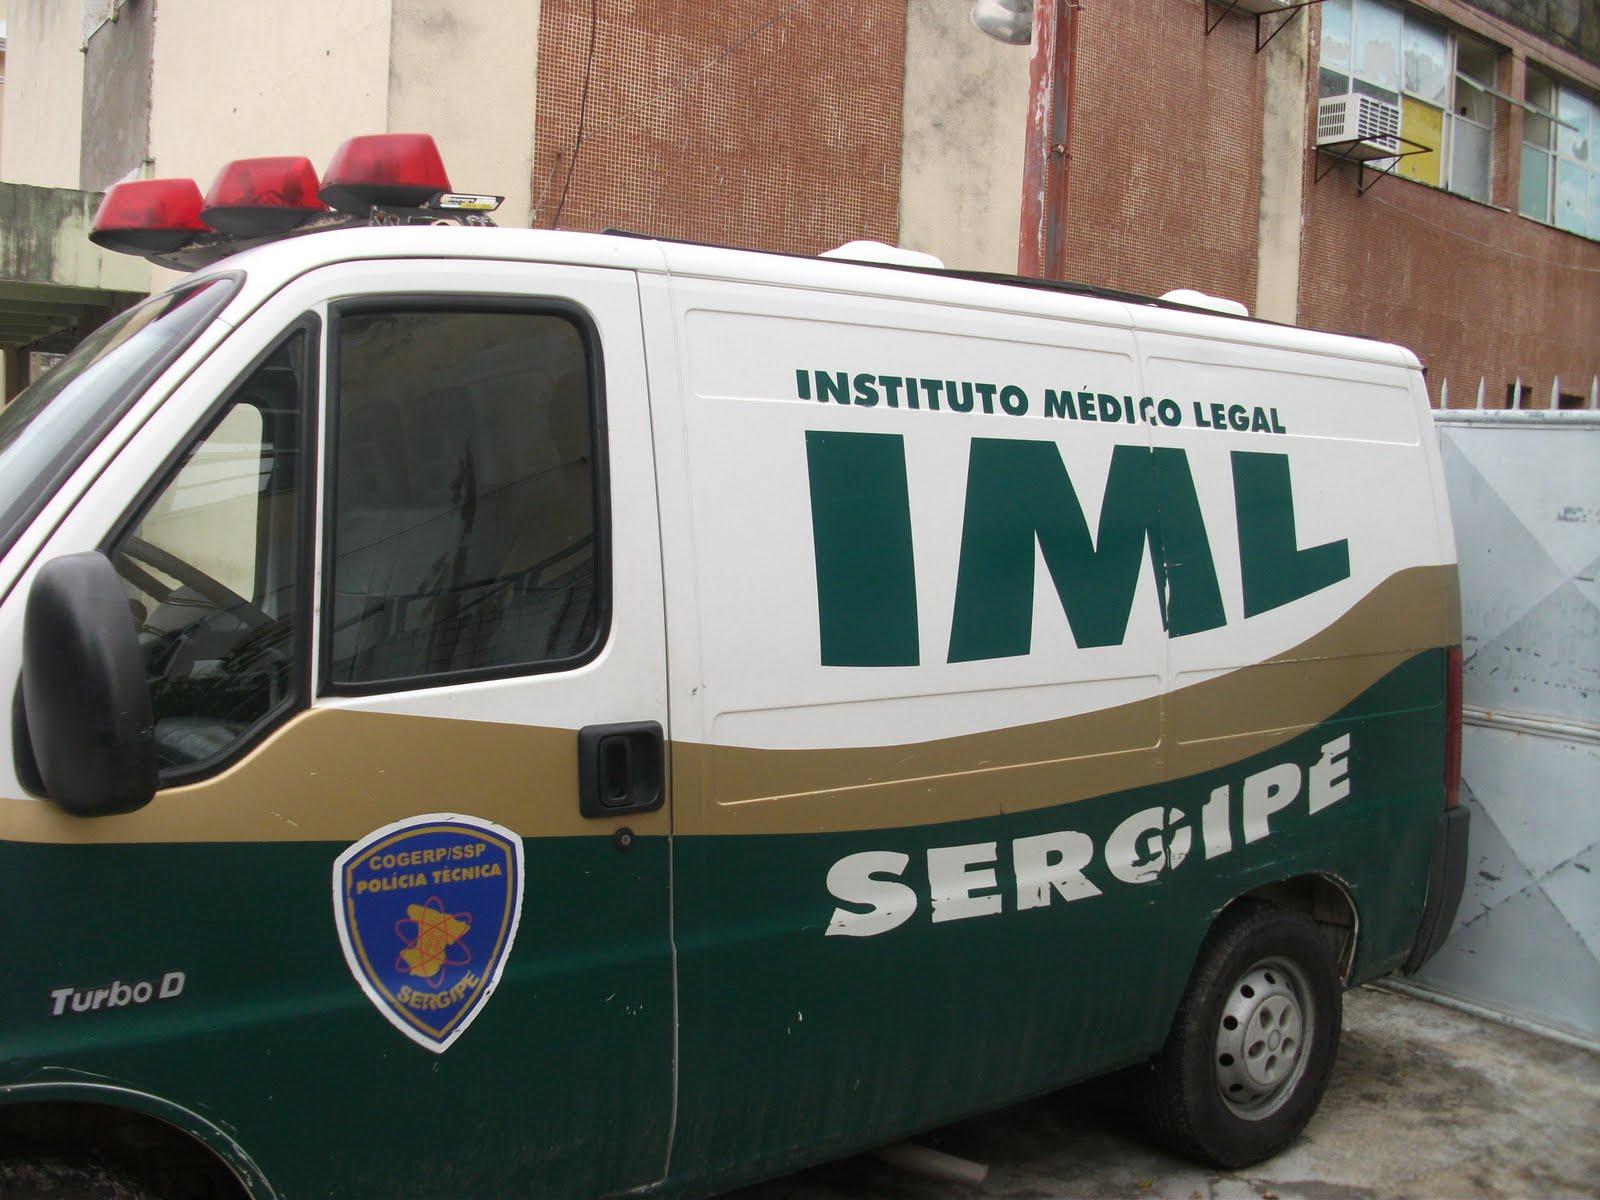 IML registra 4 mortes nas últimas 24 horas, das quais 3 por acidente com moto e 1 eletrocutado.